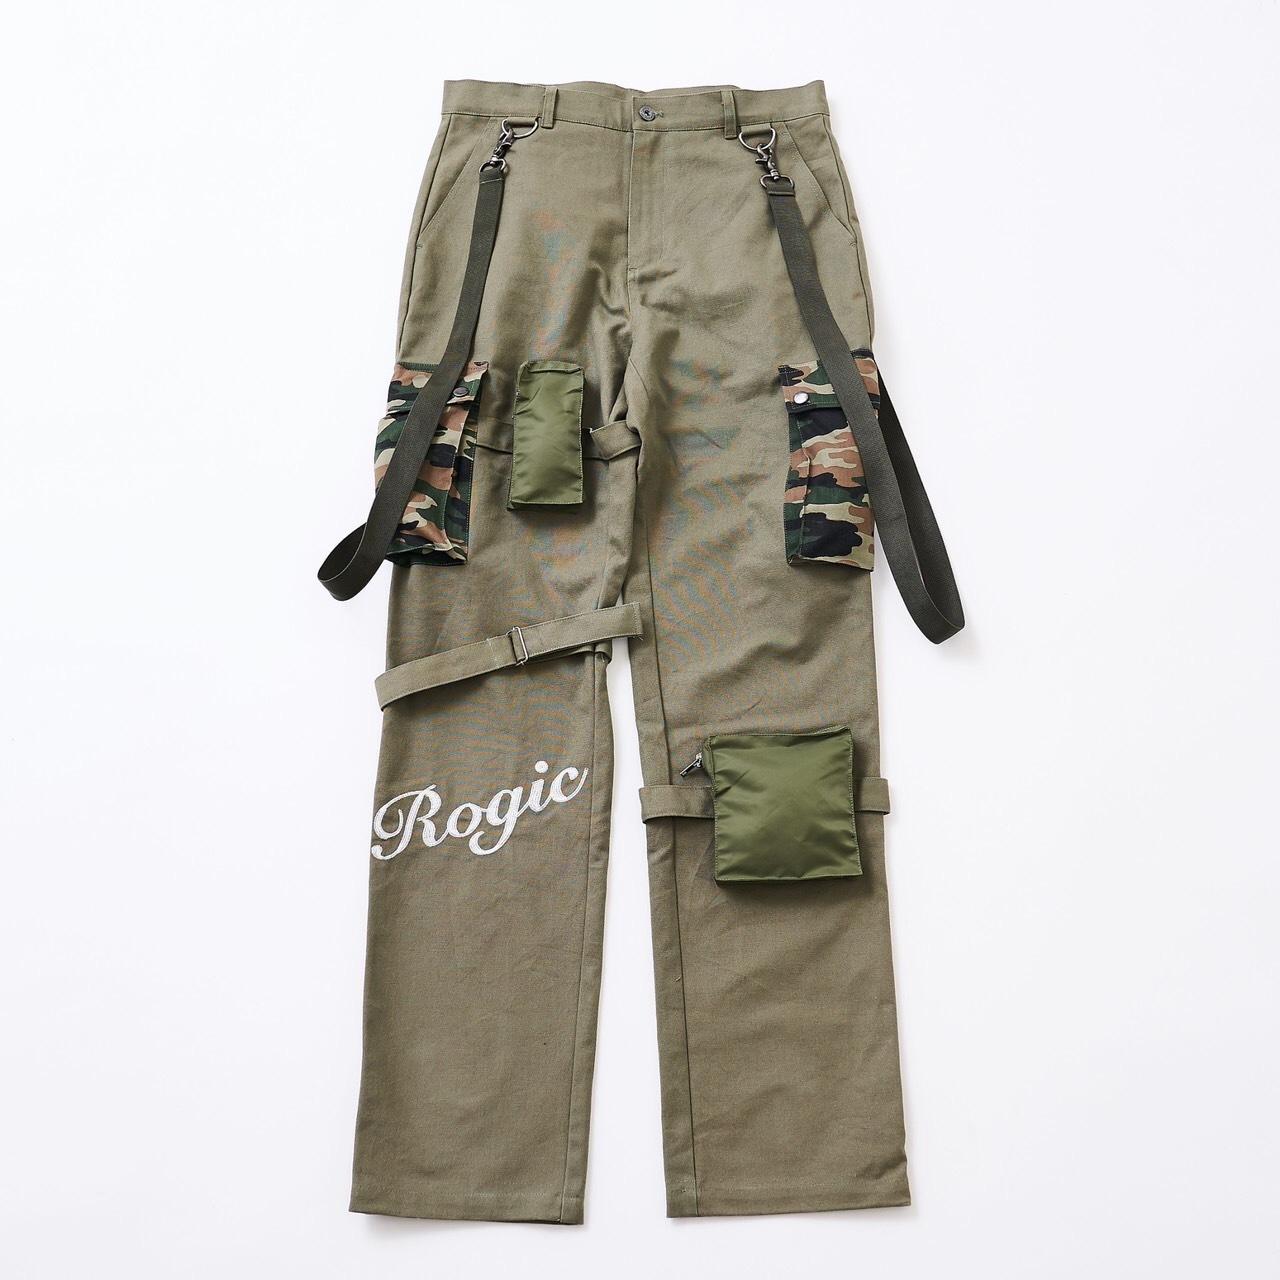 ROGIC  Military Pants Khaki